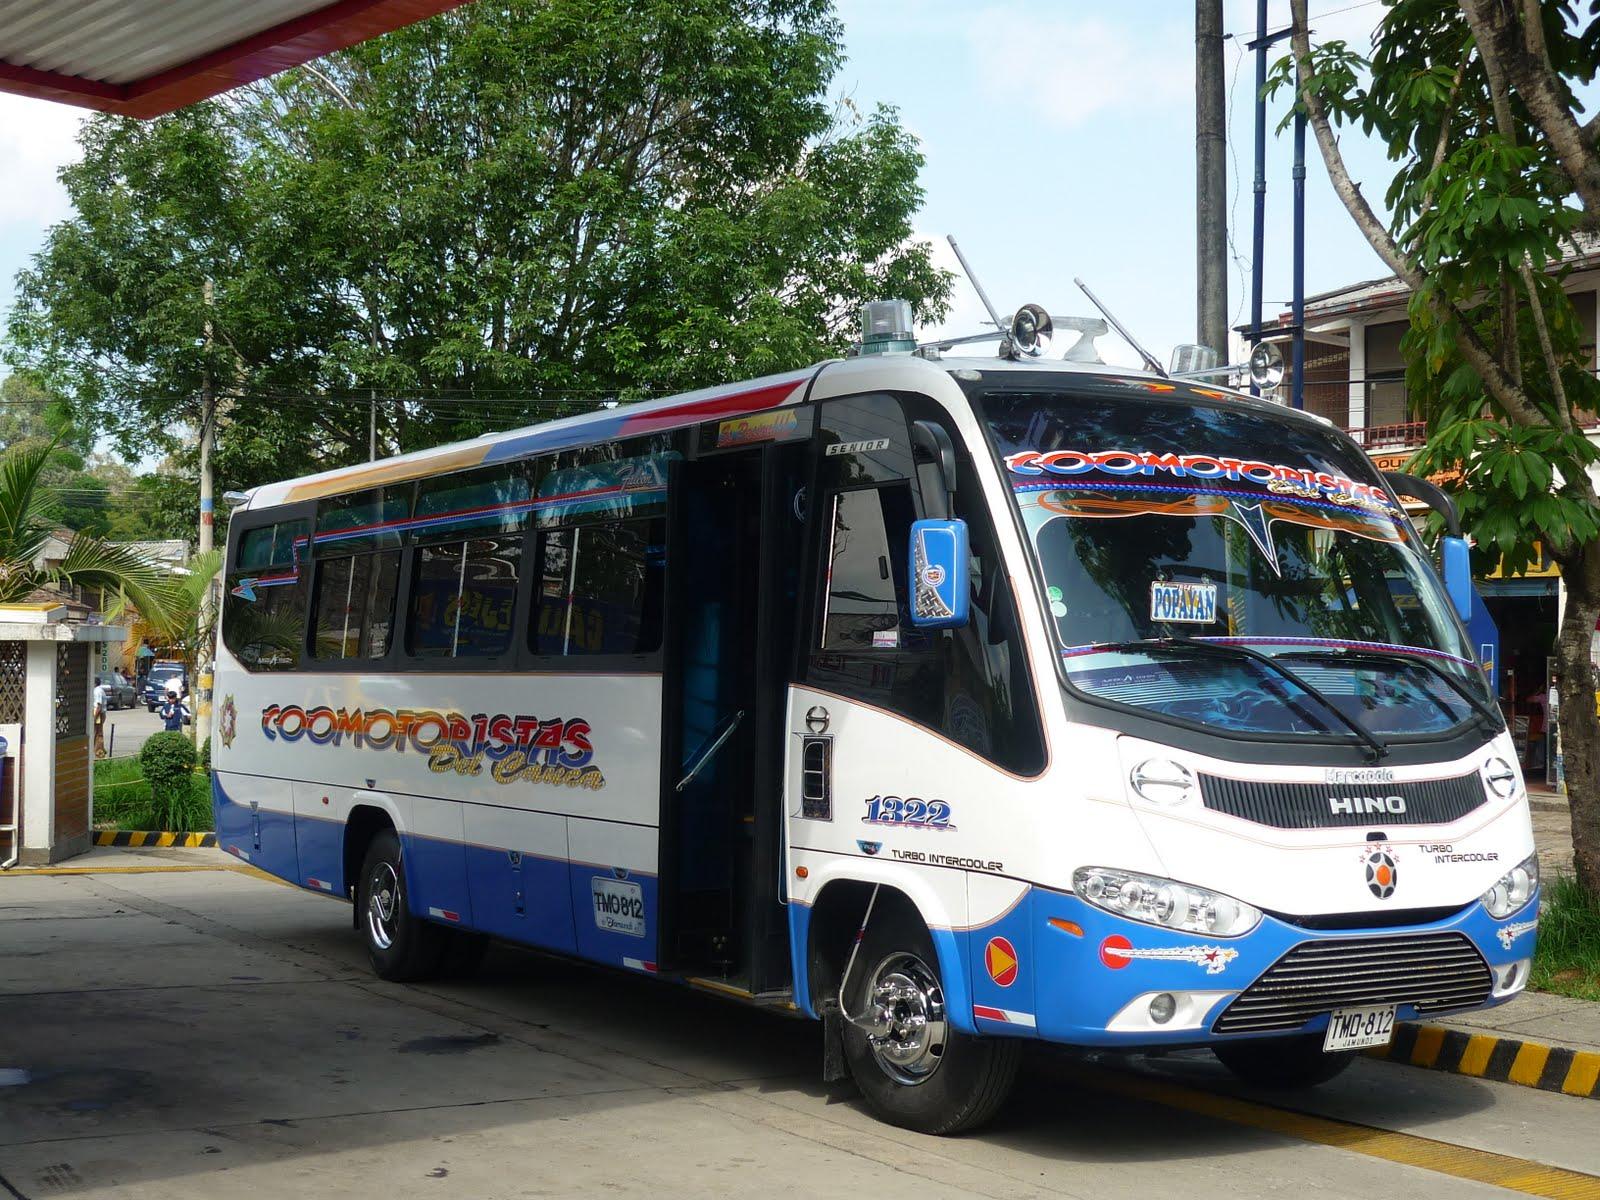 Servicio de transporte r r busetas para excursiones - Servicio de transporte ...